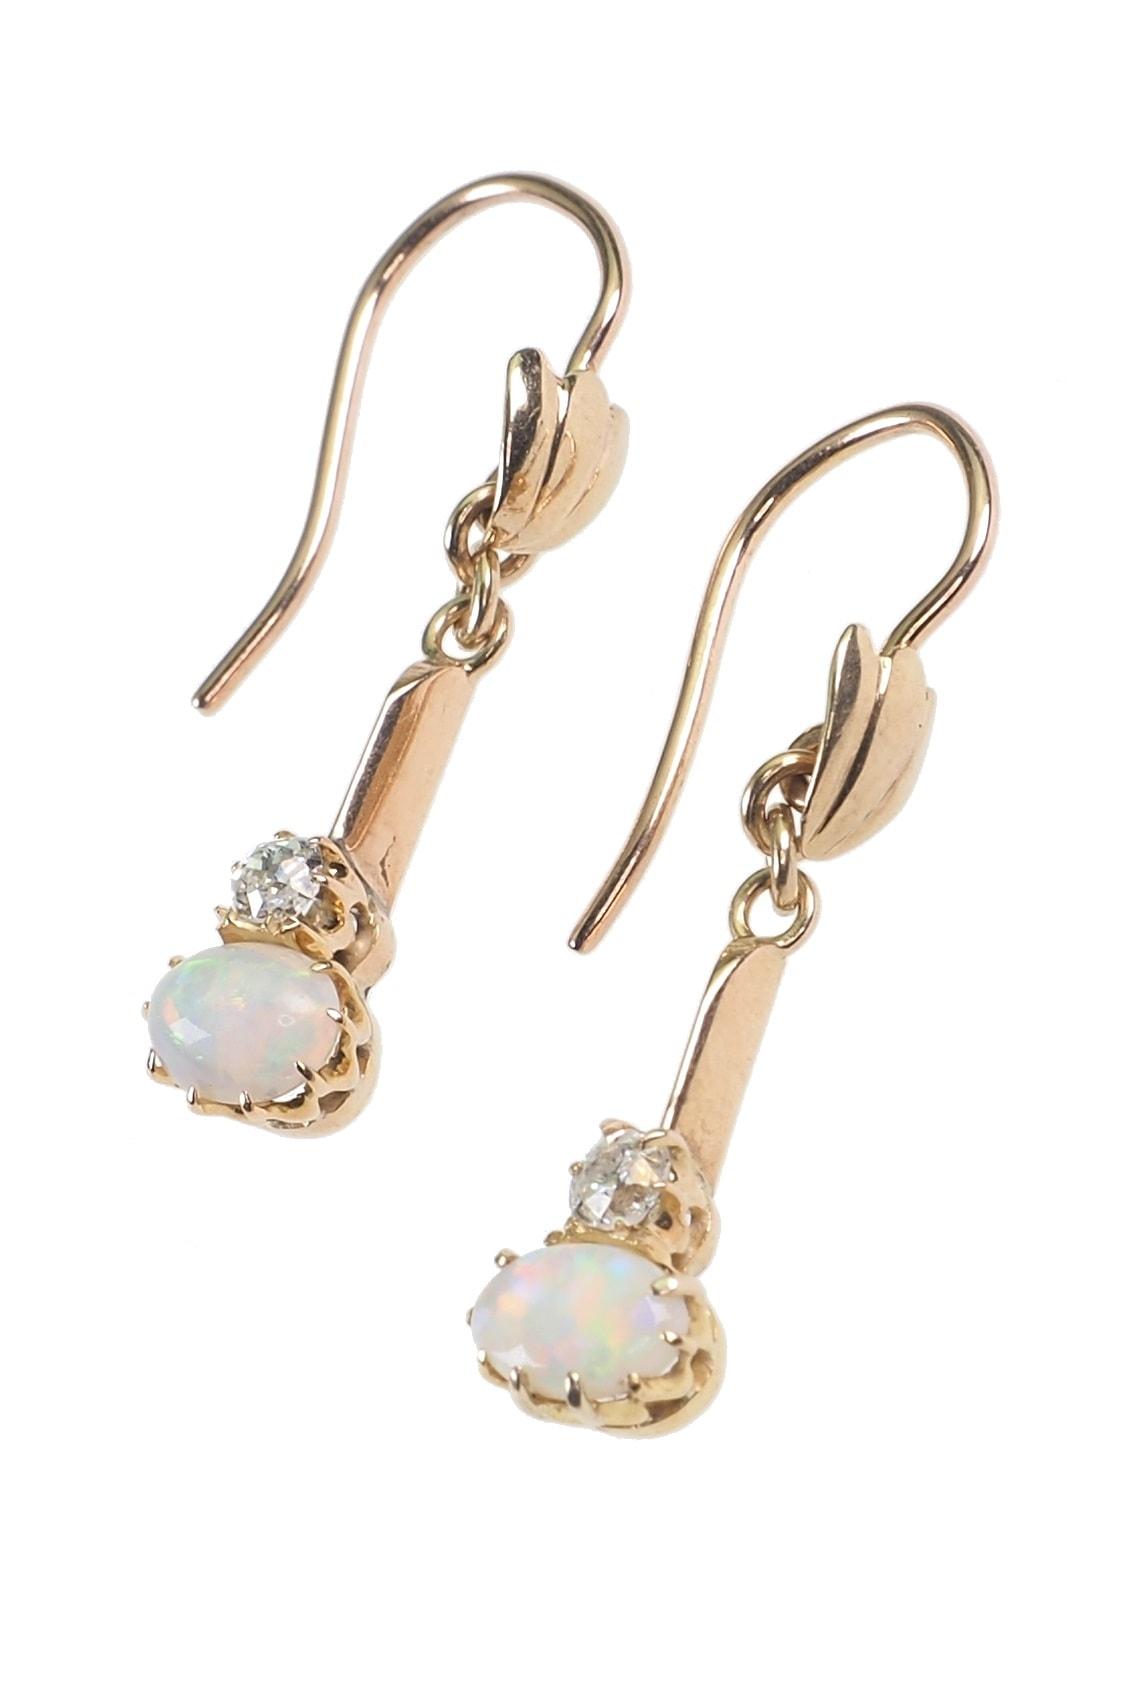 Ohrringe-sicher-kaufen-2670a